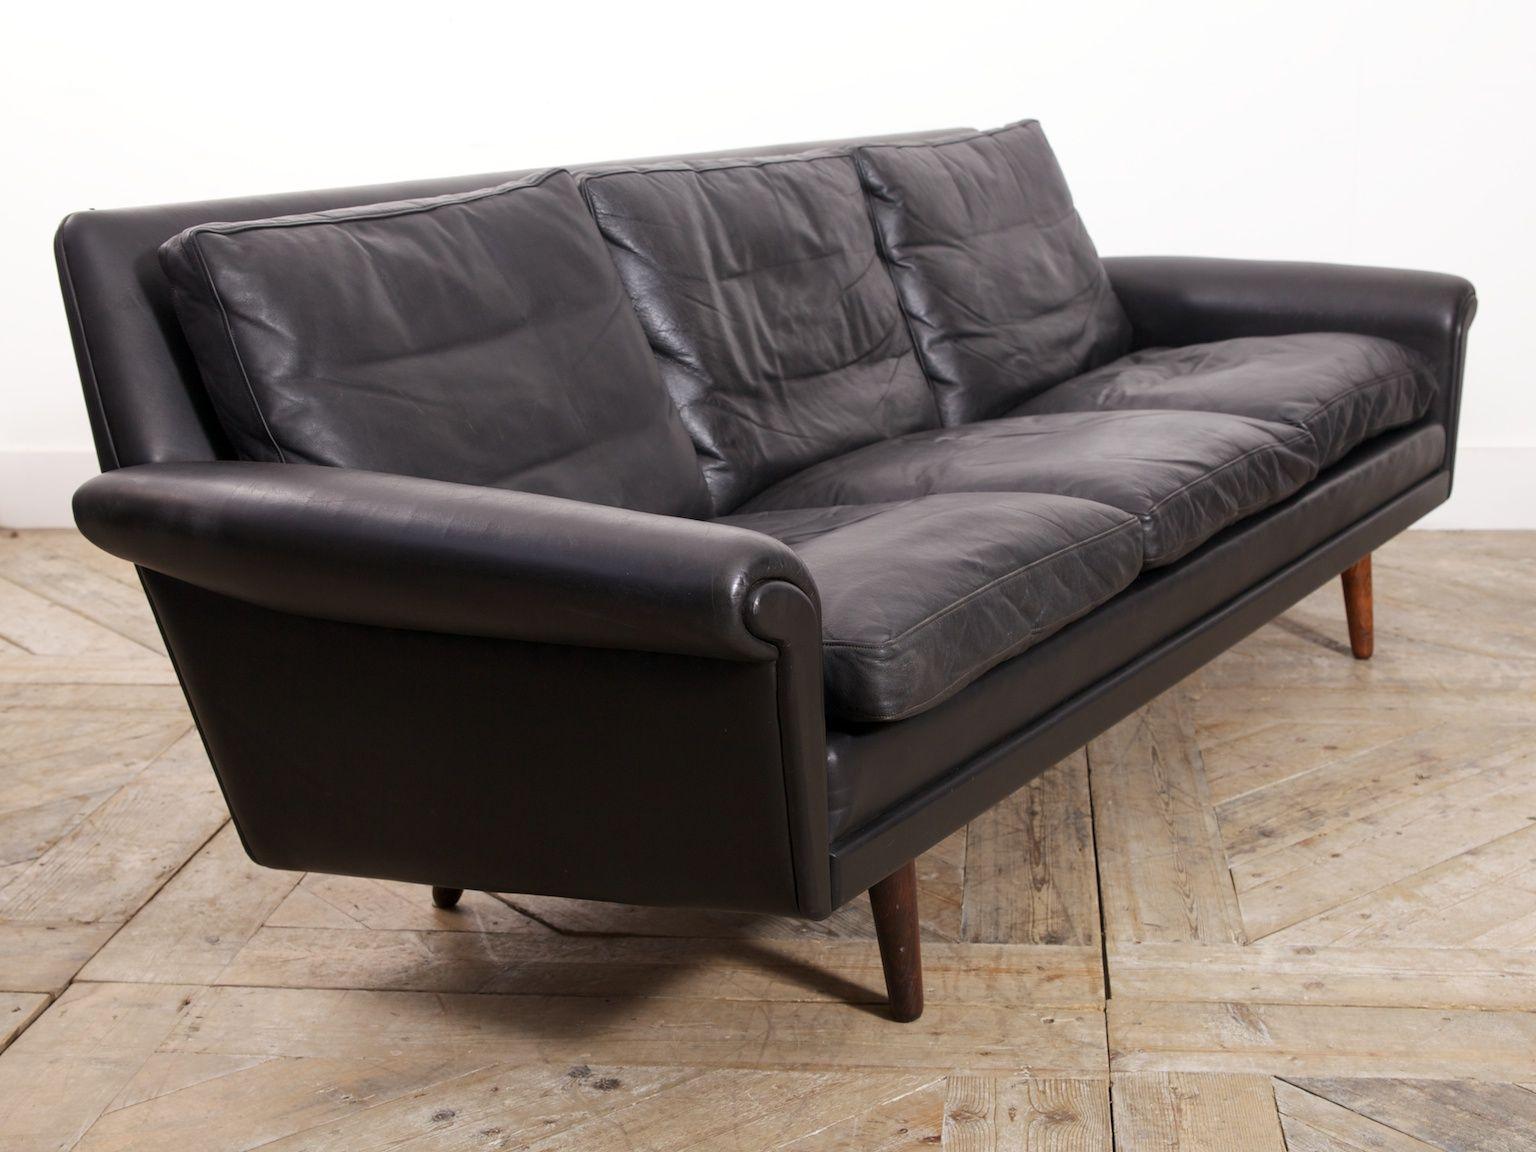 schwarzes leder diplomat sofa von aage christiansen f r erhardsen andersen 1965 bei pamono kaufen. Black Bedroom Furniture Sets. Home Design Ideas